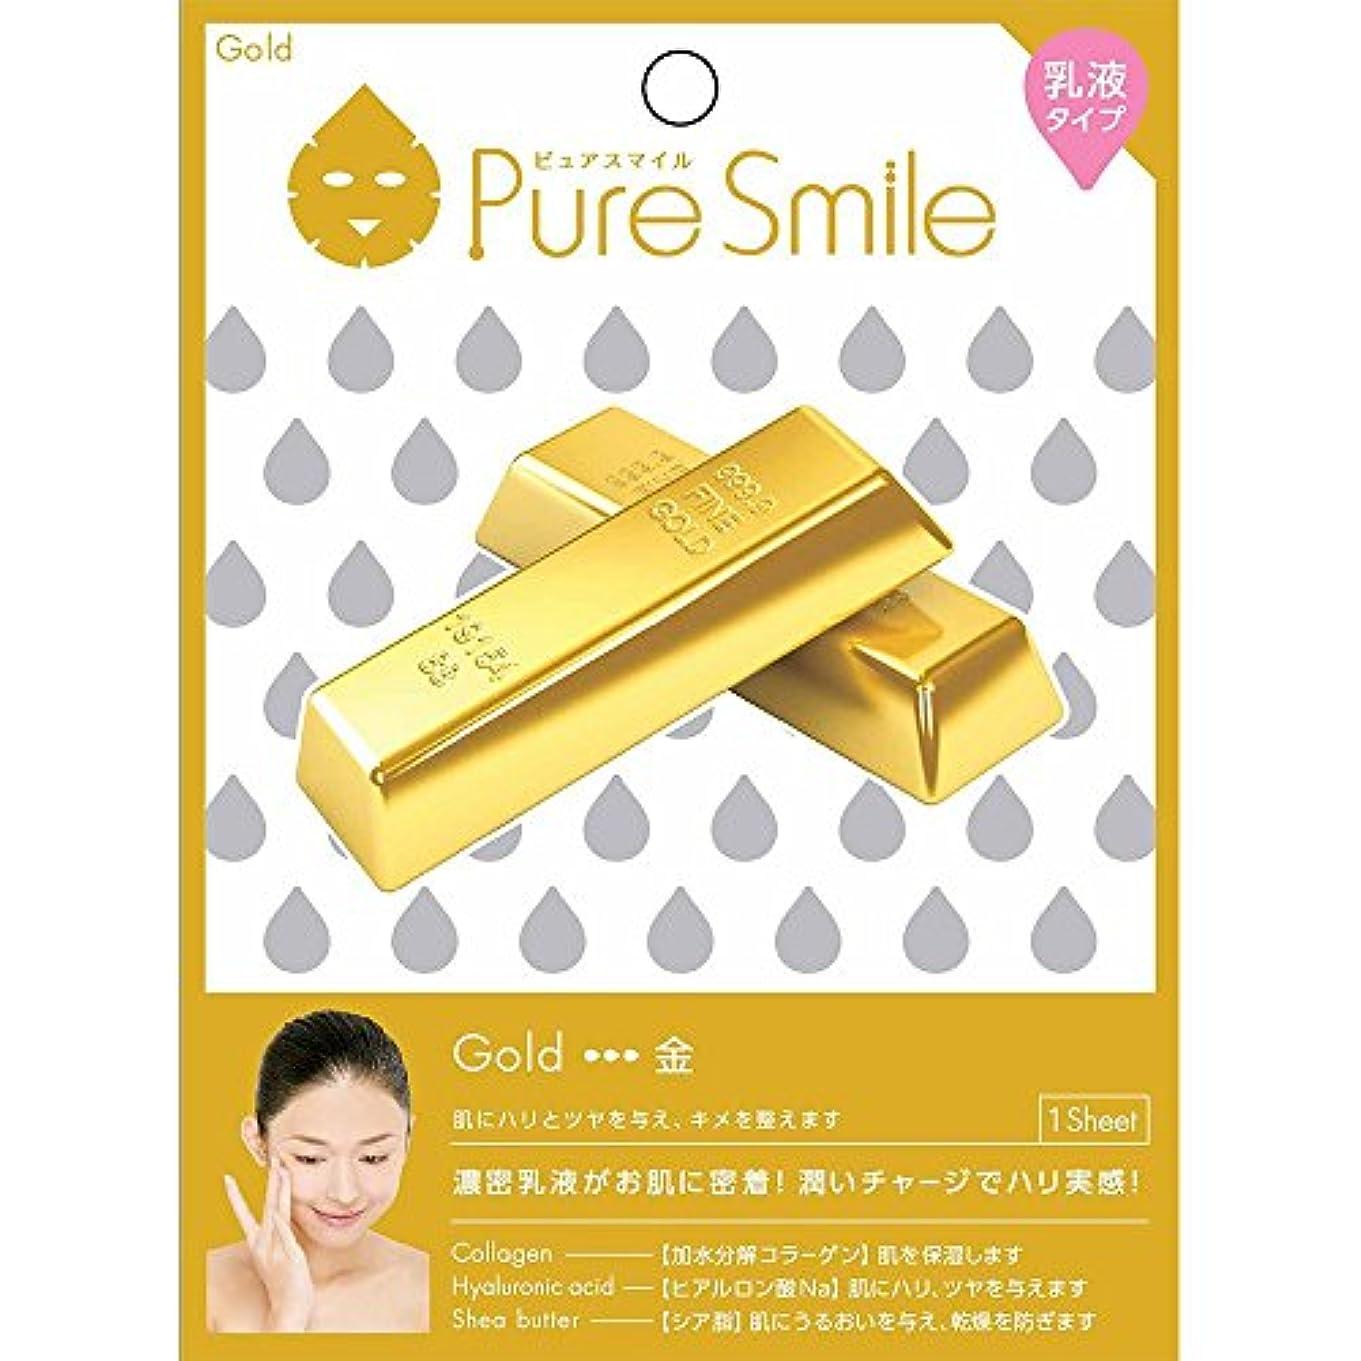 進捗ヒップ問い合わせるPure Smile(ピュアスマイル) 乳液エッセンスマスク 1 枚 金